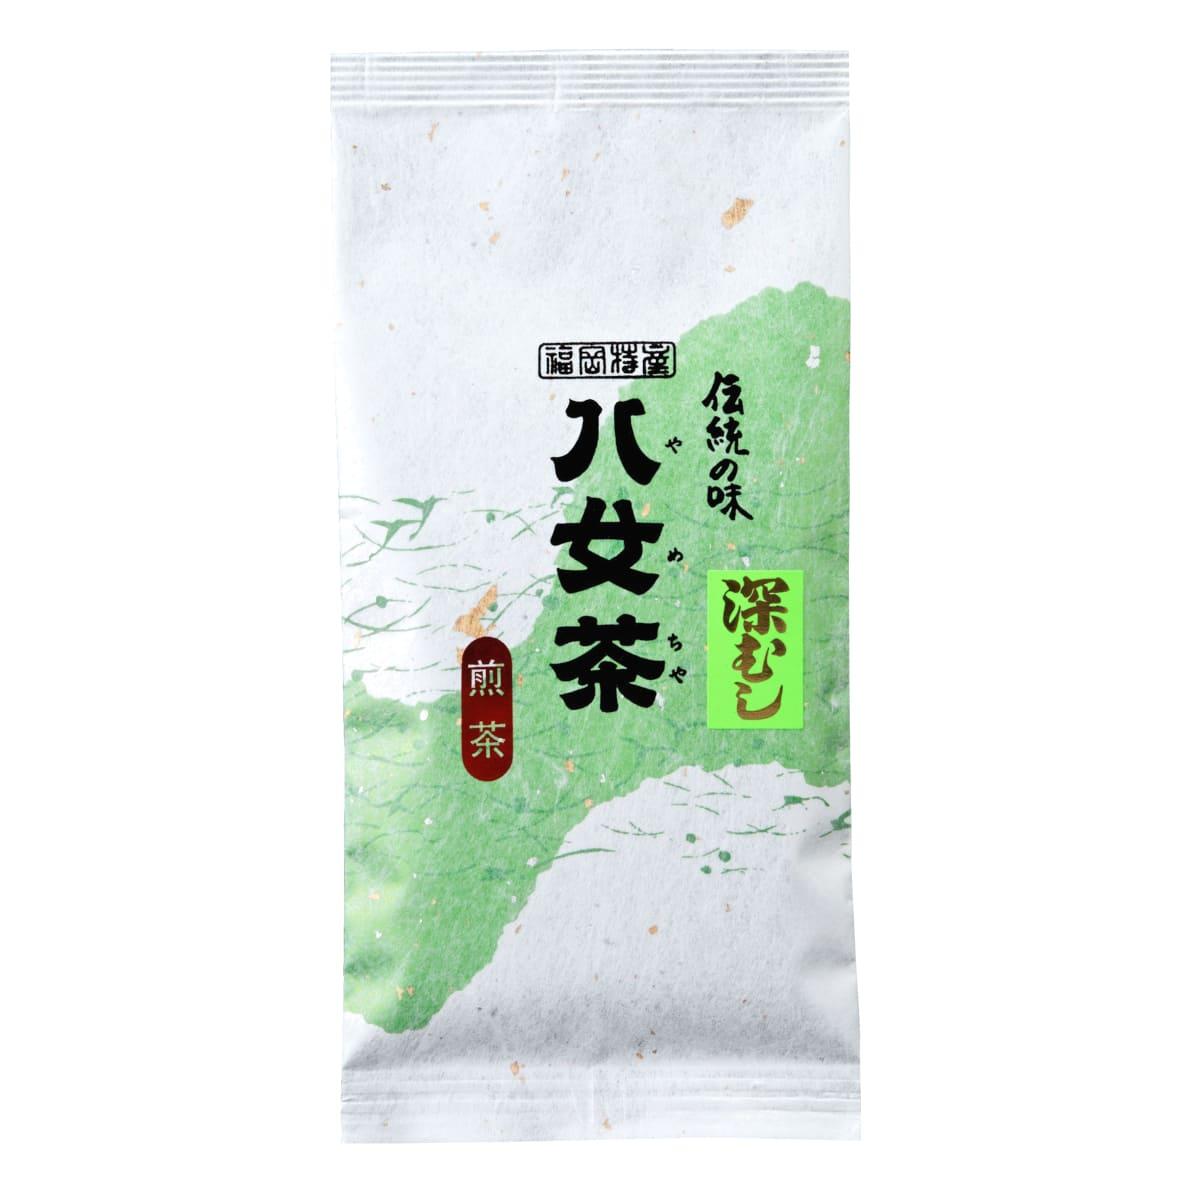 【ナ】深むし茶・竹 100g 【メール便可】